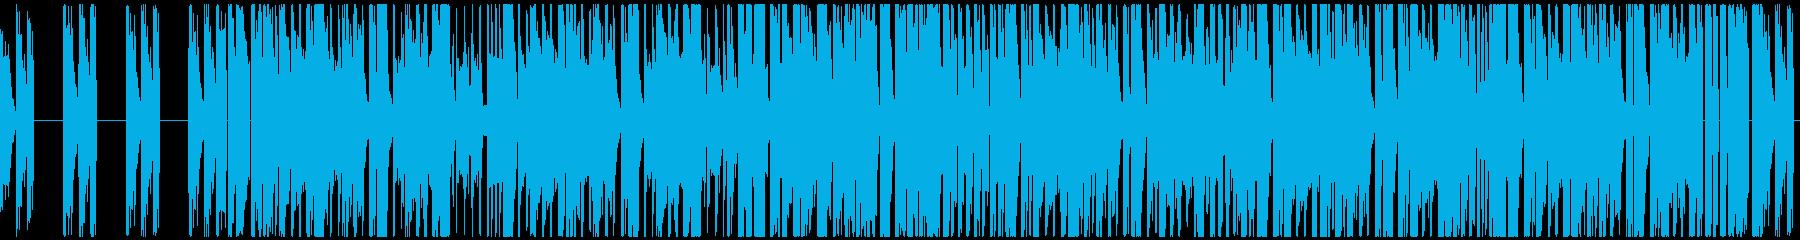 映画BGM等に使用出来るハード系サウンドの再生済みの波形